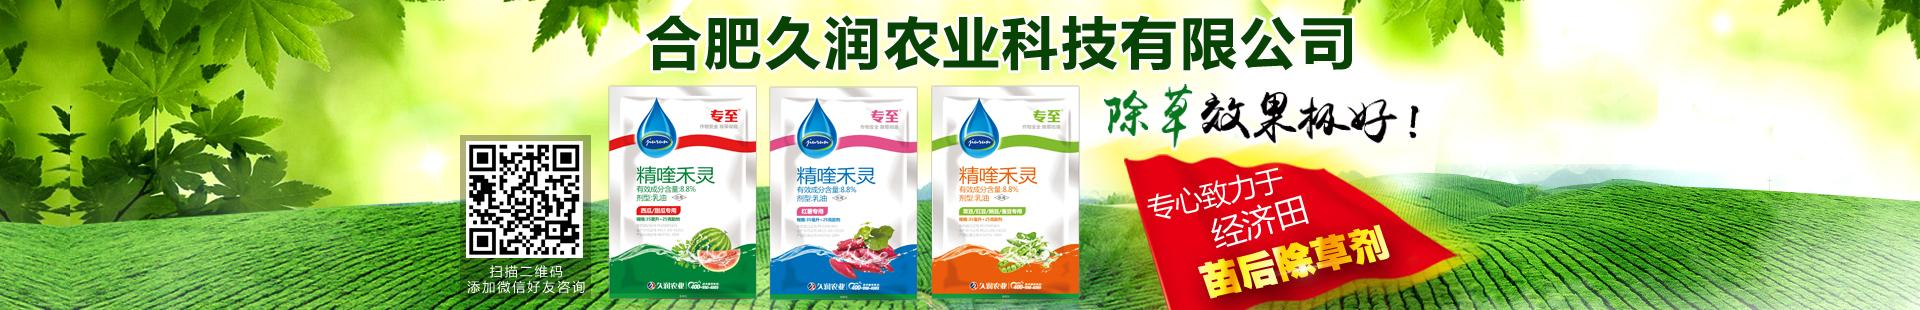 合肥久润农业科技有限公司